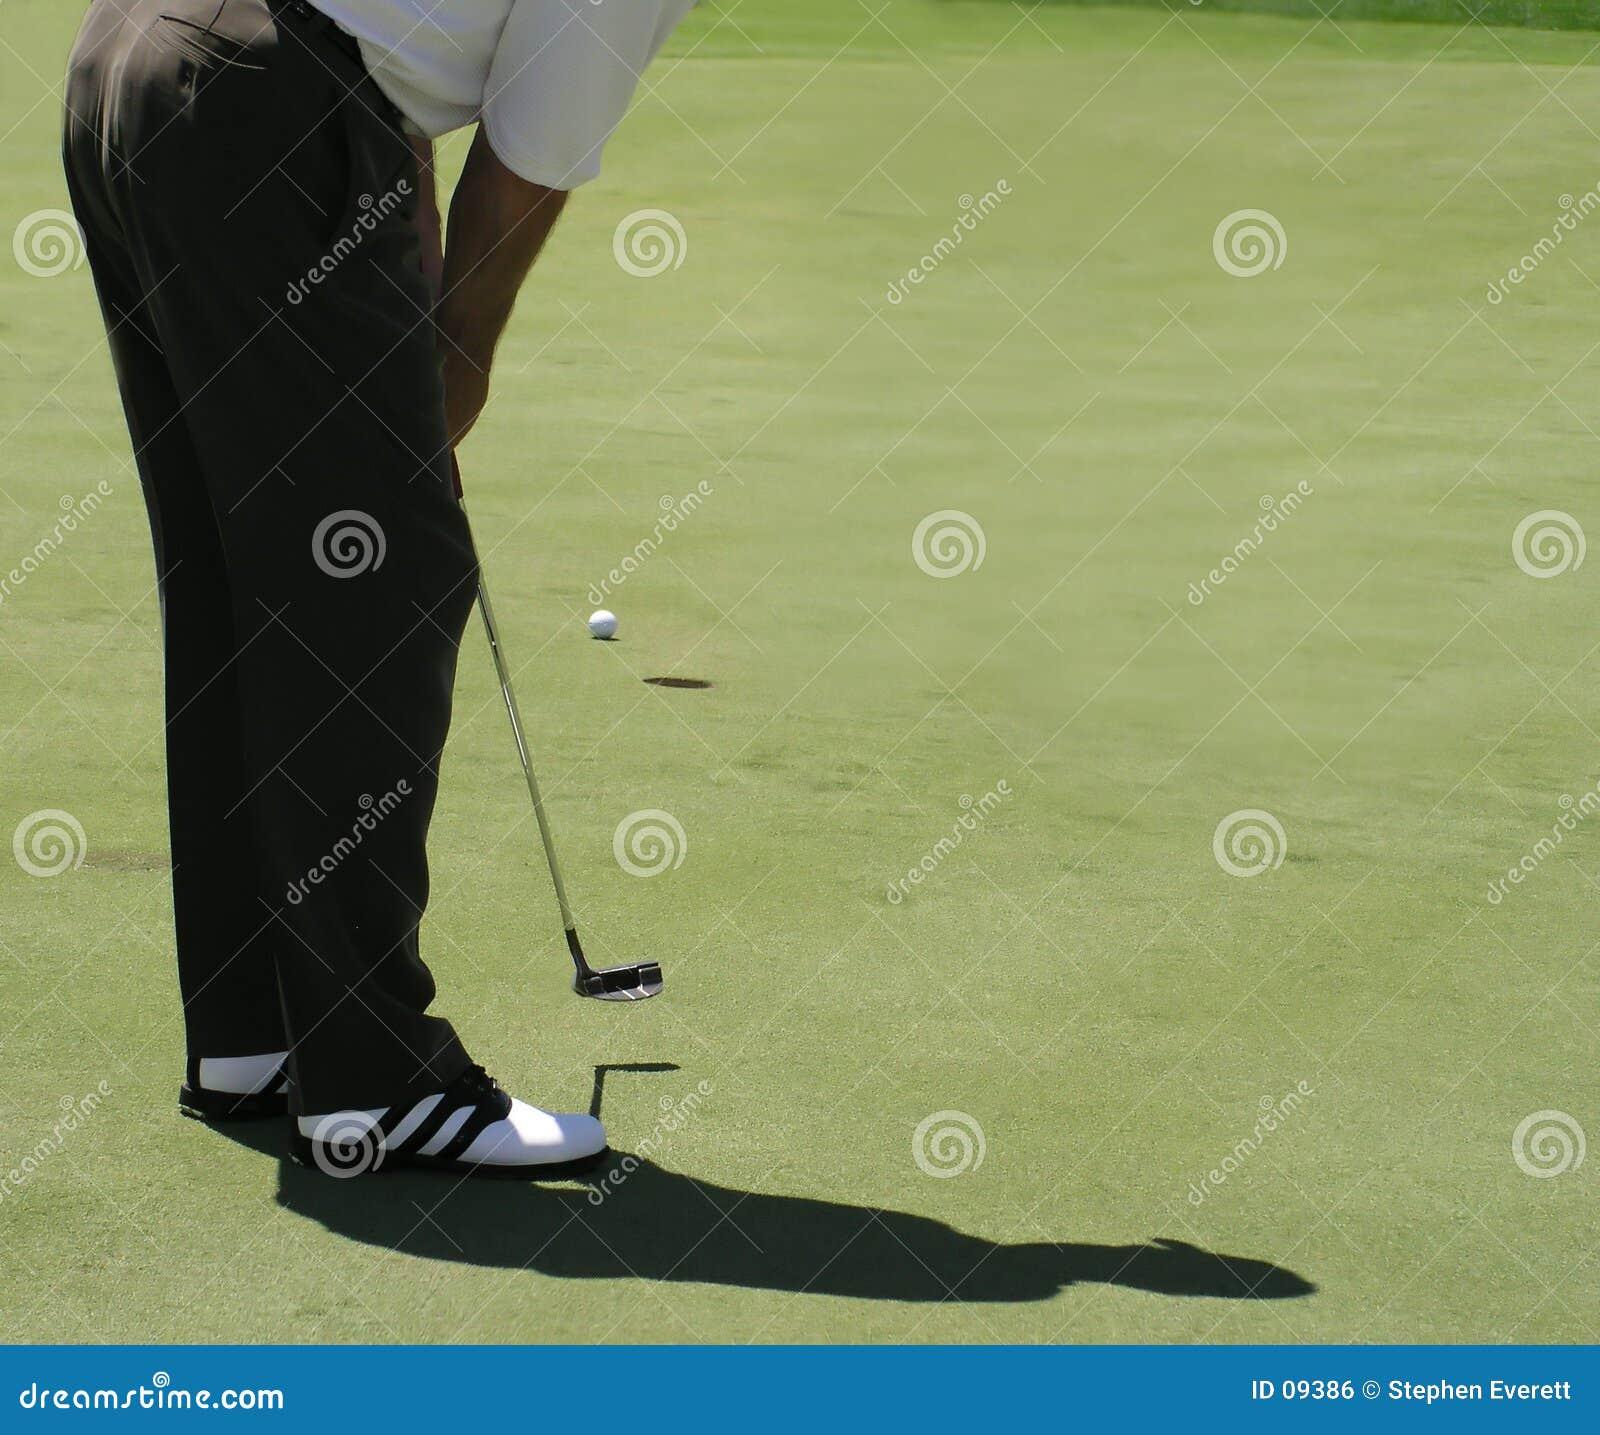 Golfschlag